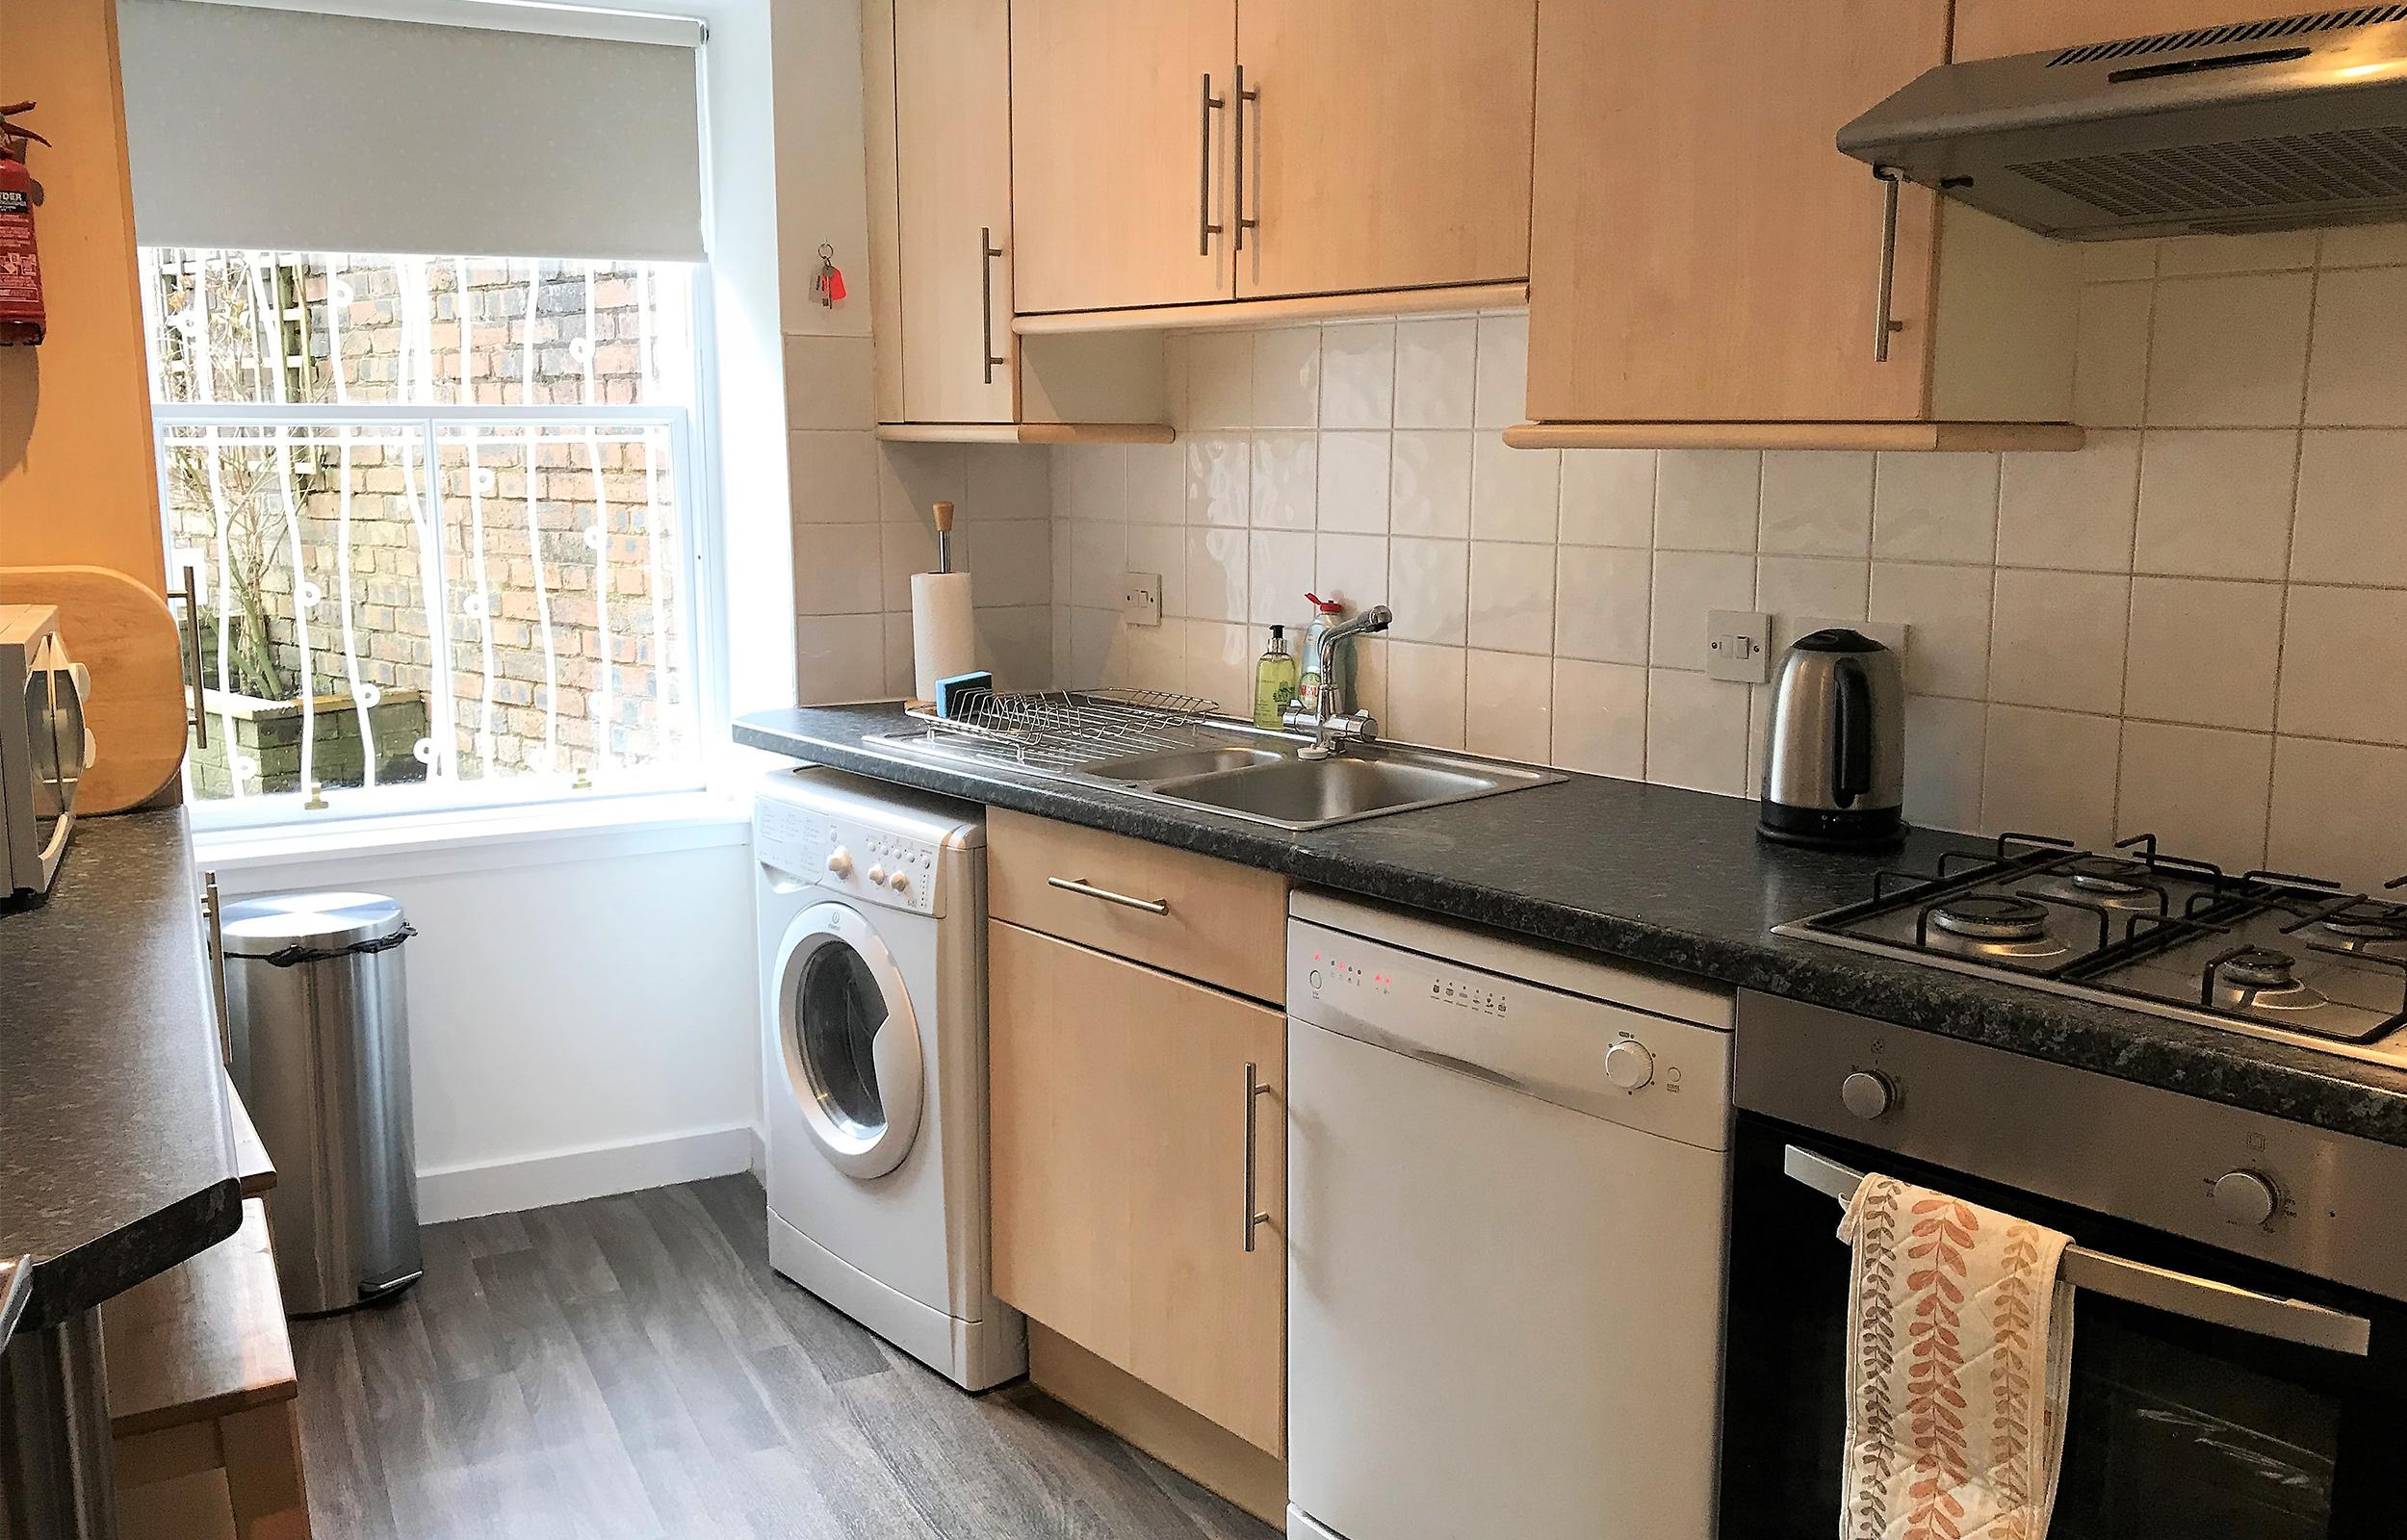 Kitchena t Lansdowne Garden Apartments - Citybase Apartments